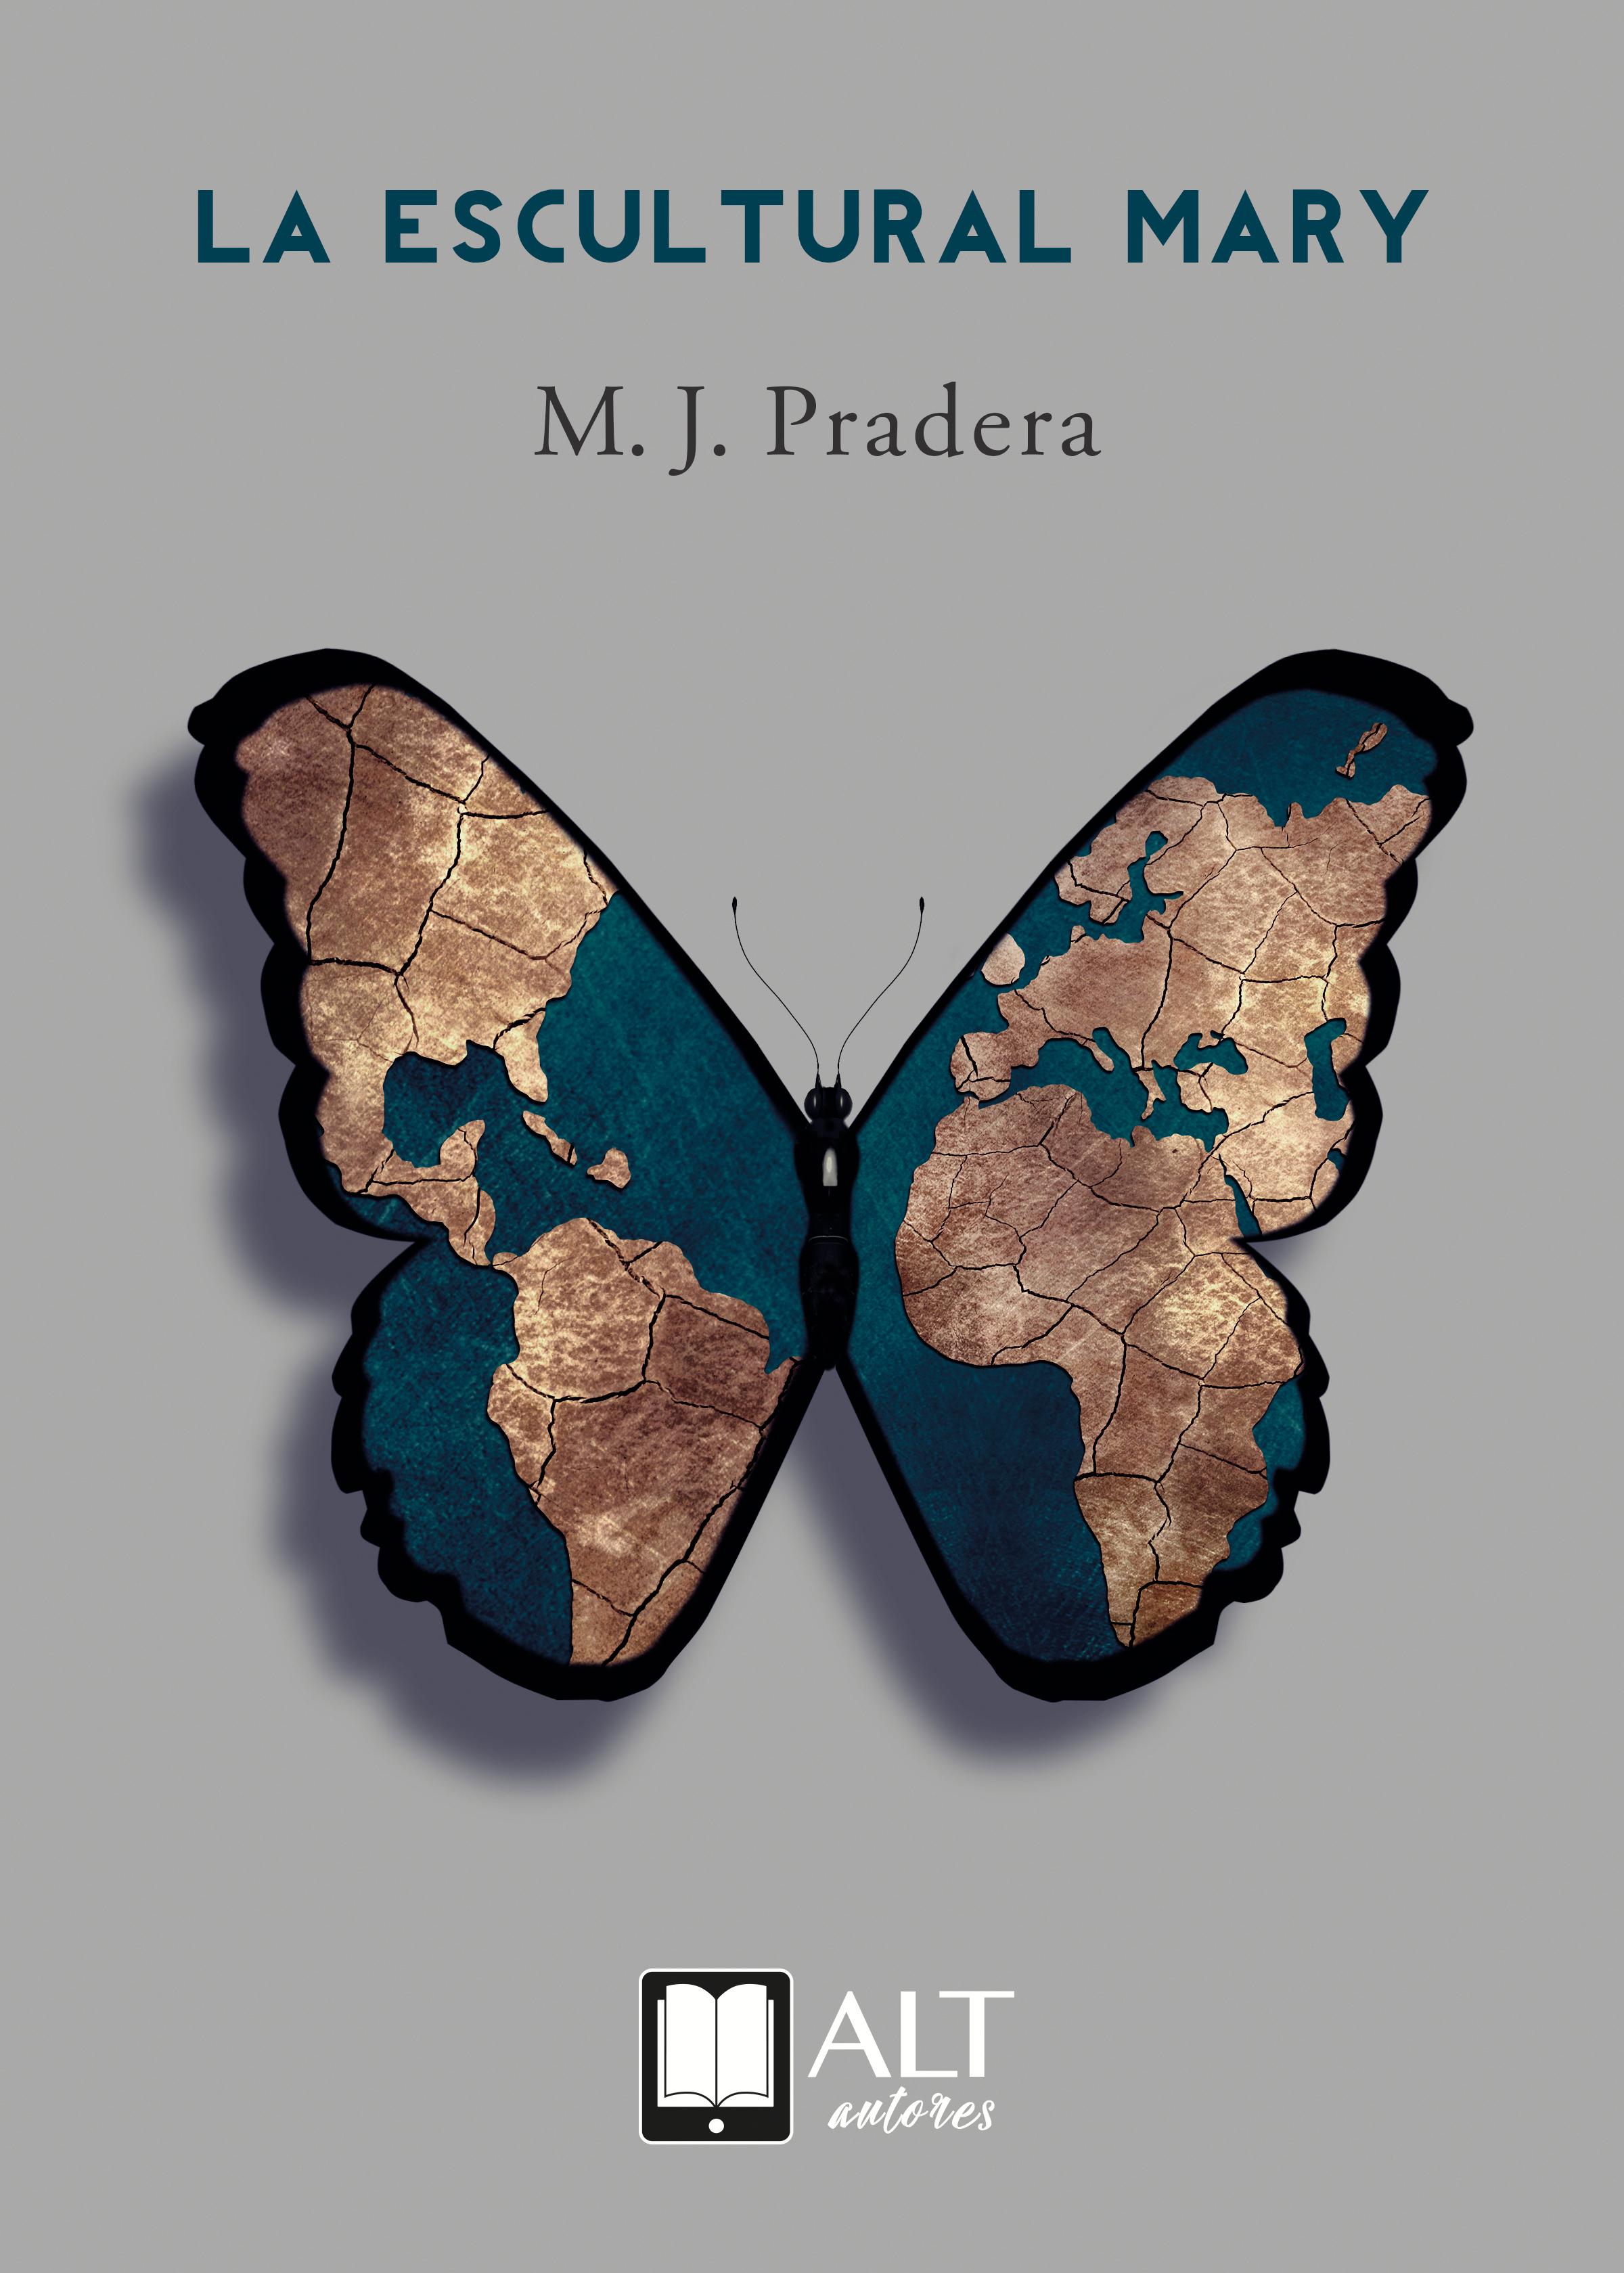 M.J. Pradera 'La escultural Mary' Presentación de libro